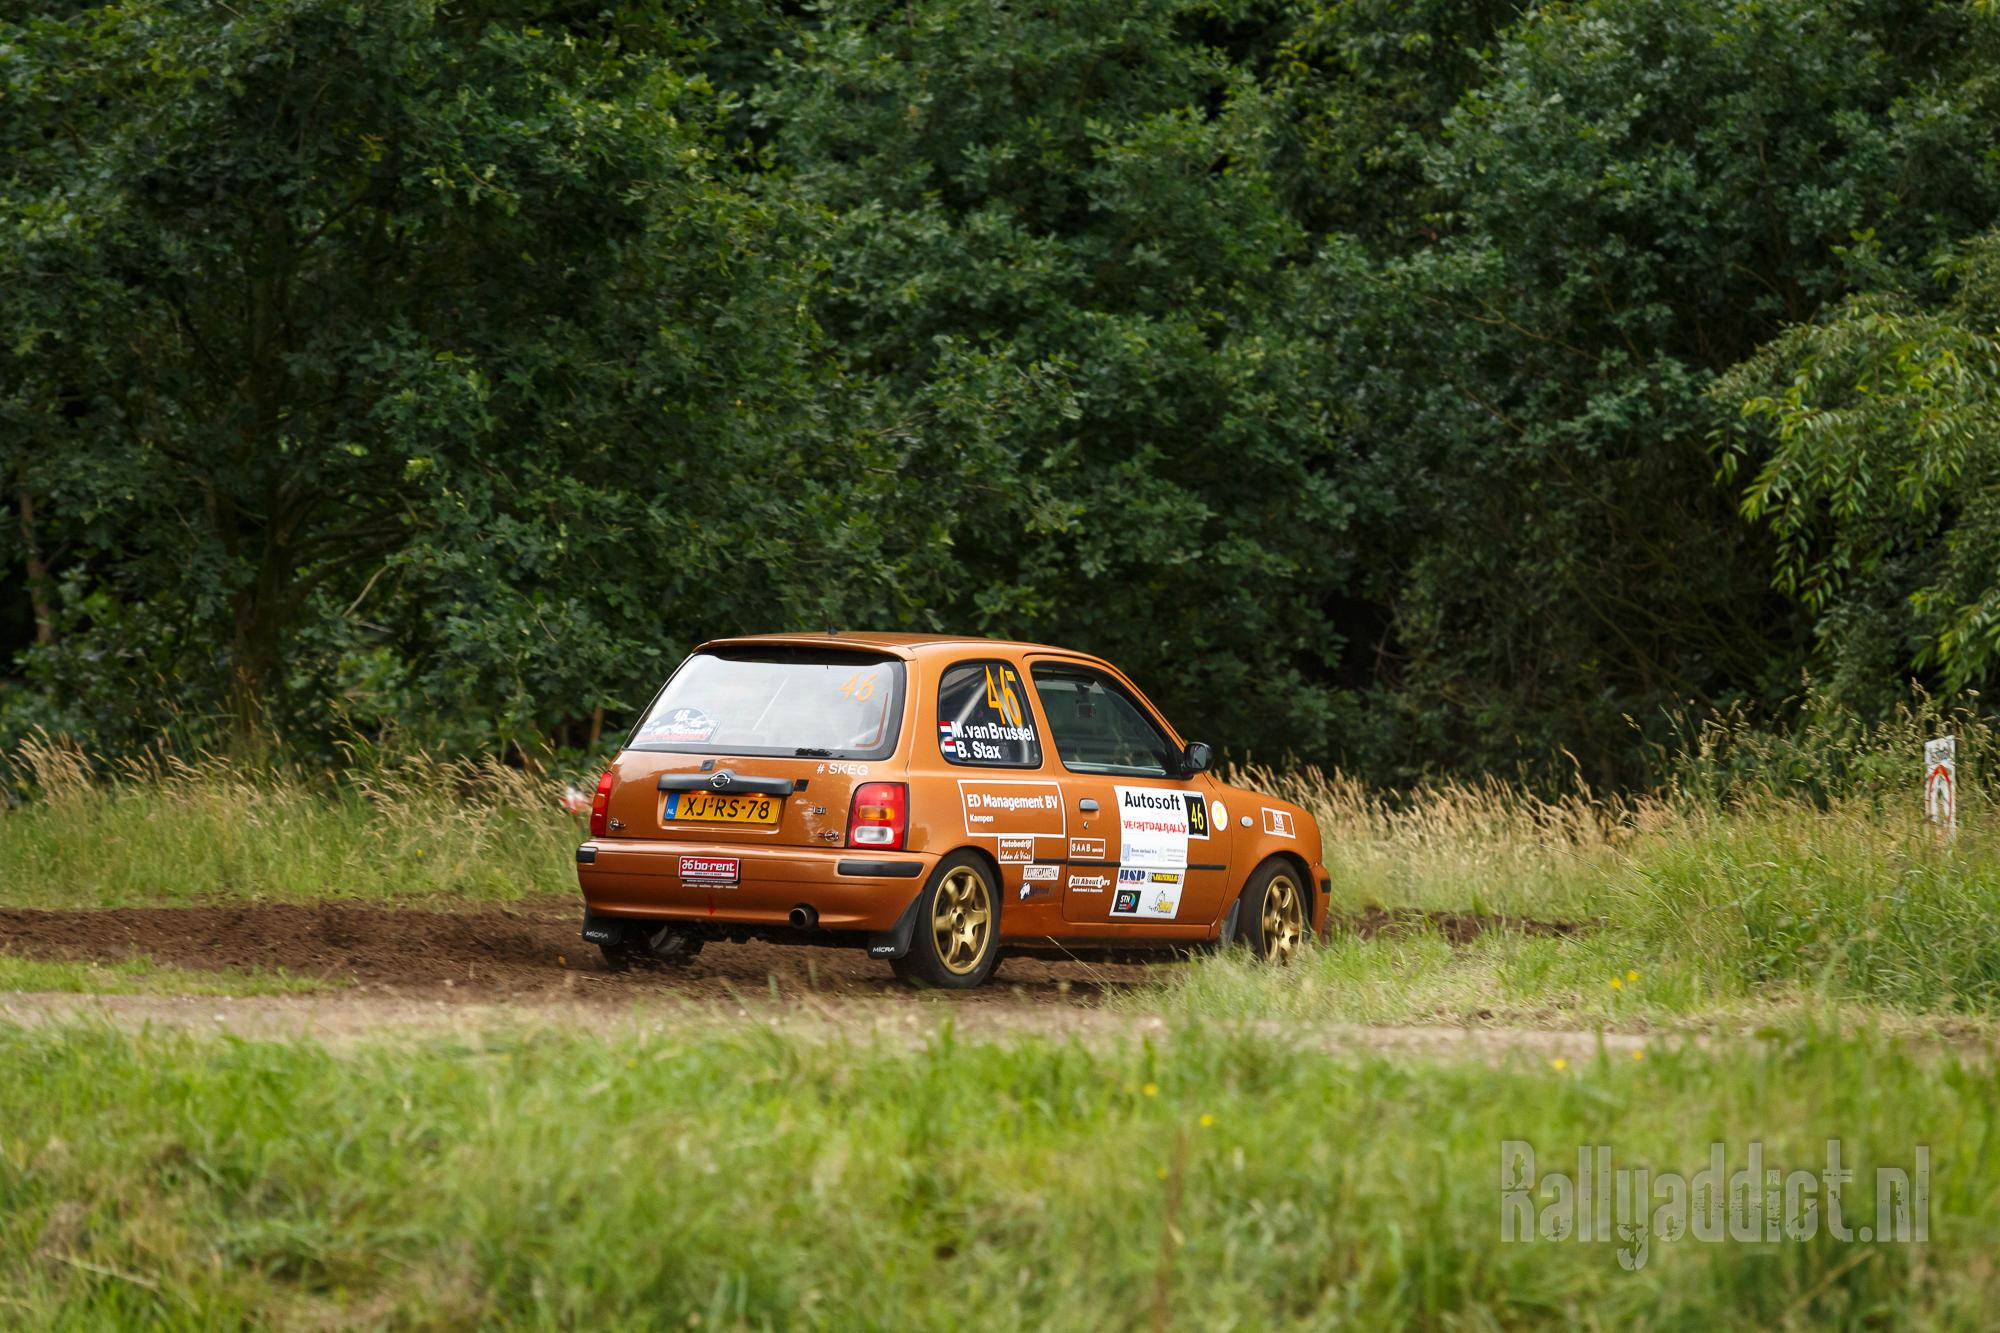 Ivo_Rijniersce-rallyaddict-vechtdal-IR5D2045